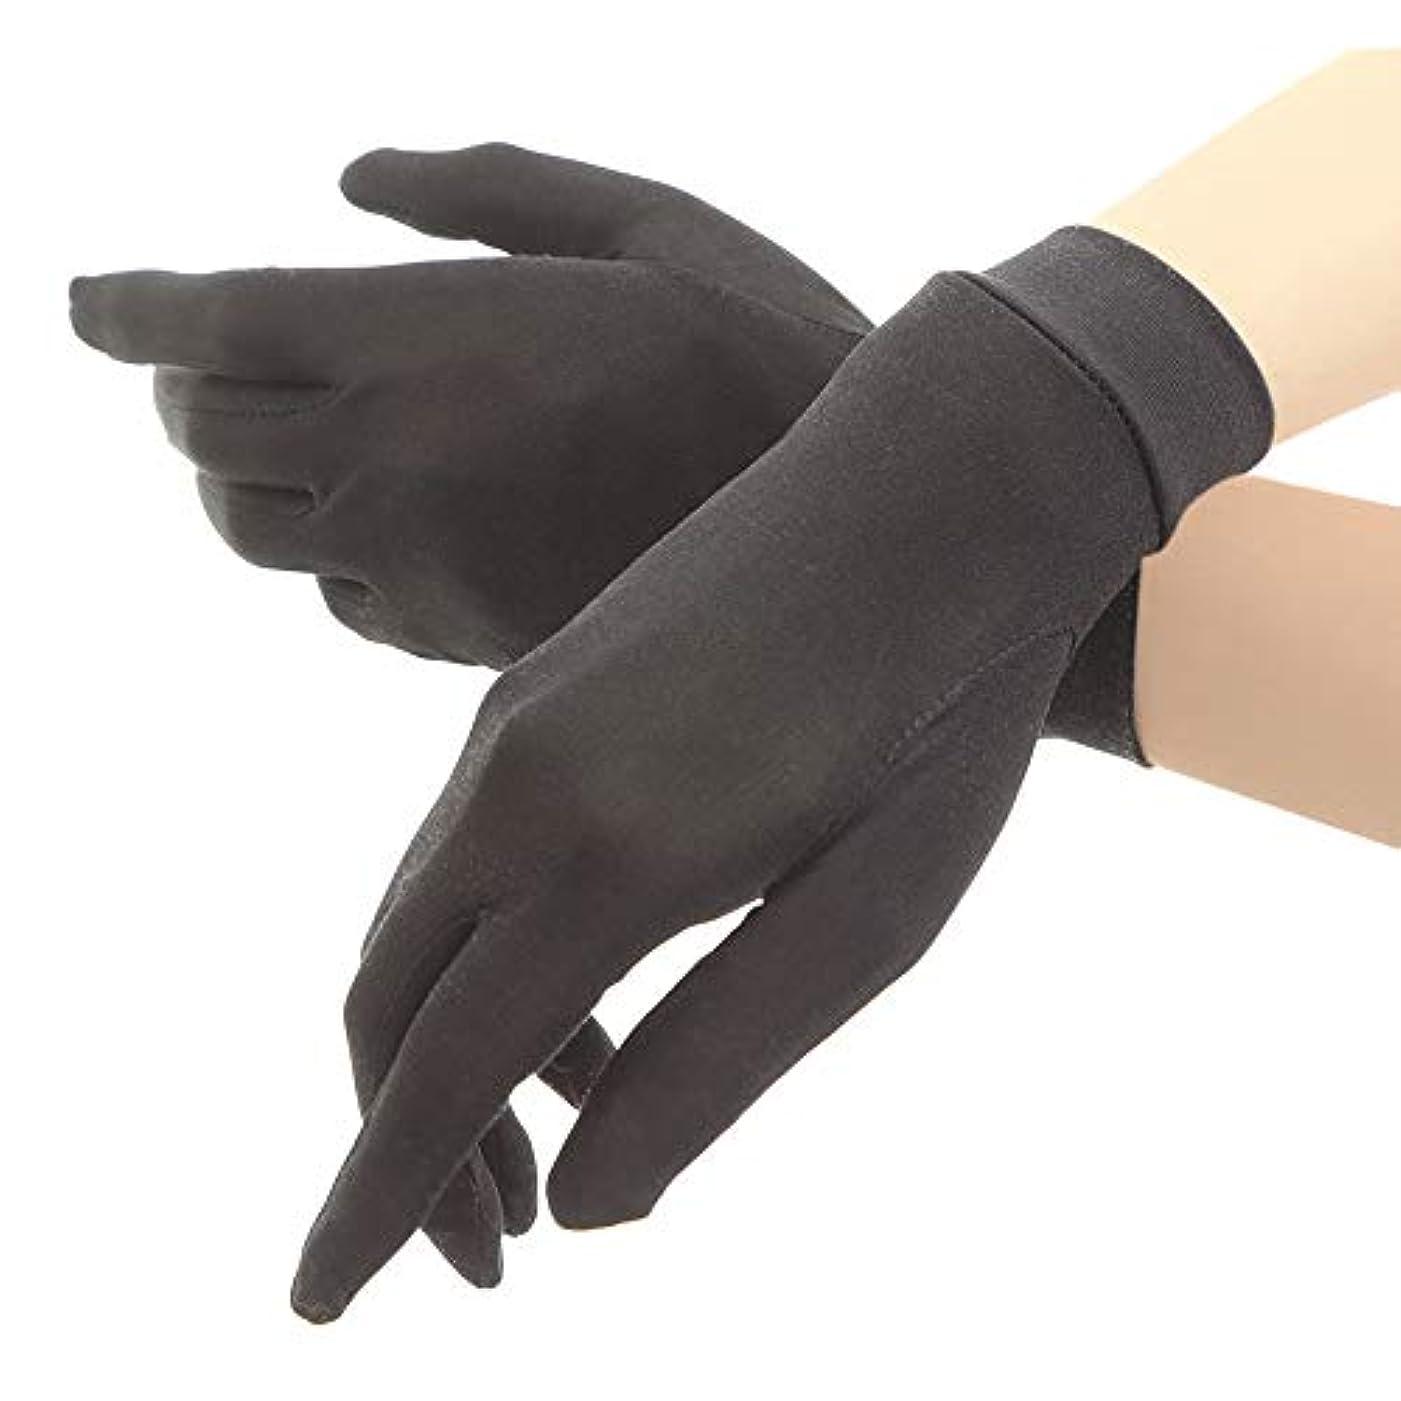 まもなく感染する抑圧シルク手袋 レディース 手袋 シルク 絹 ハンド ケア 保湿 紫外線 肌荒れ 乾燥 サイズアップで手指にマッチ 【macch】